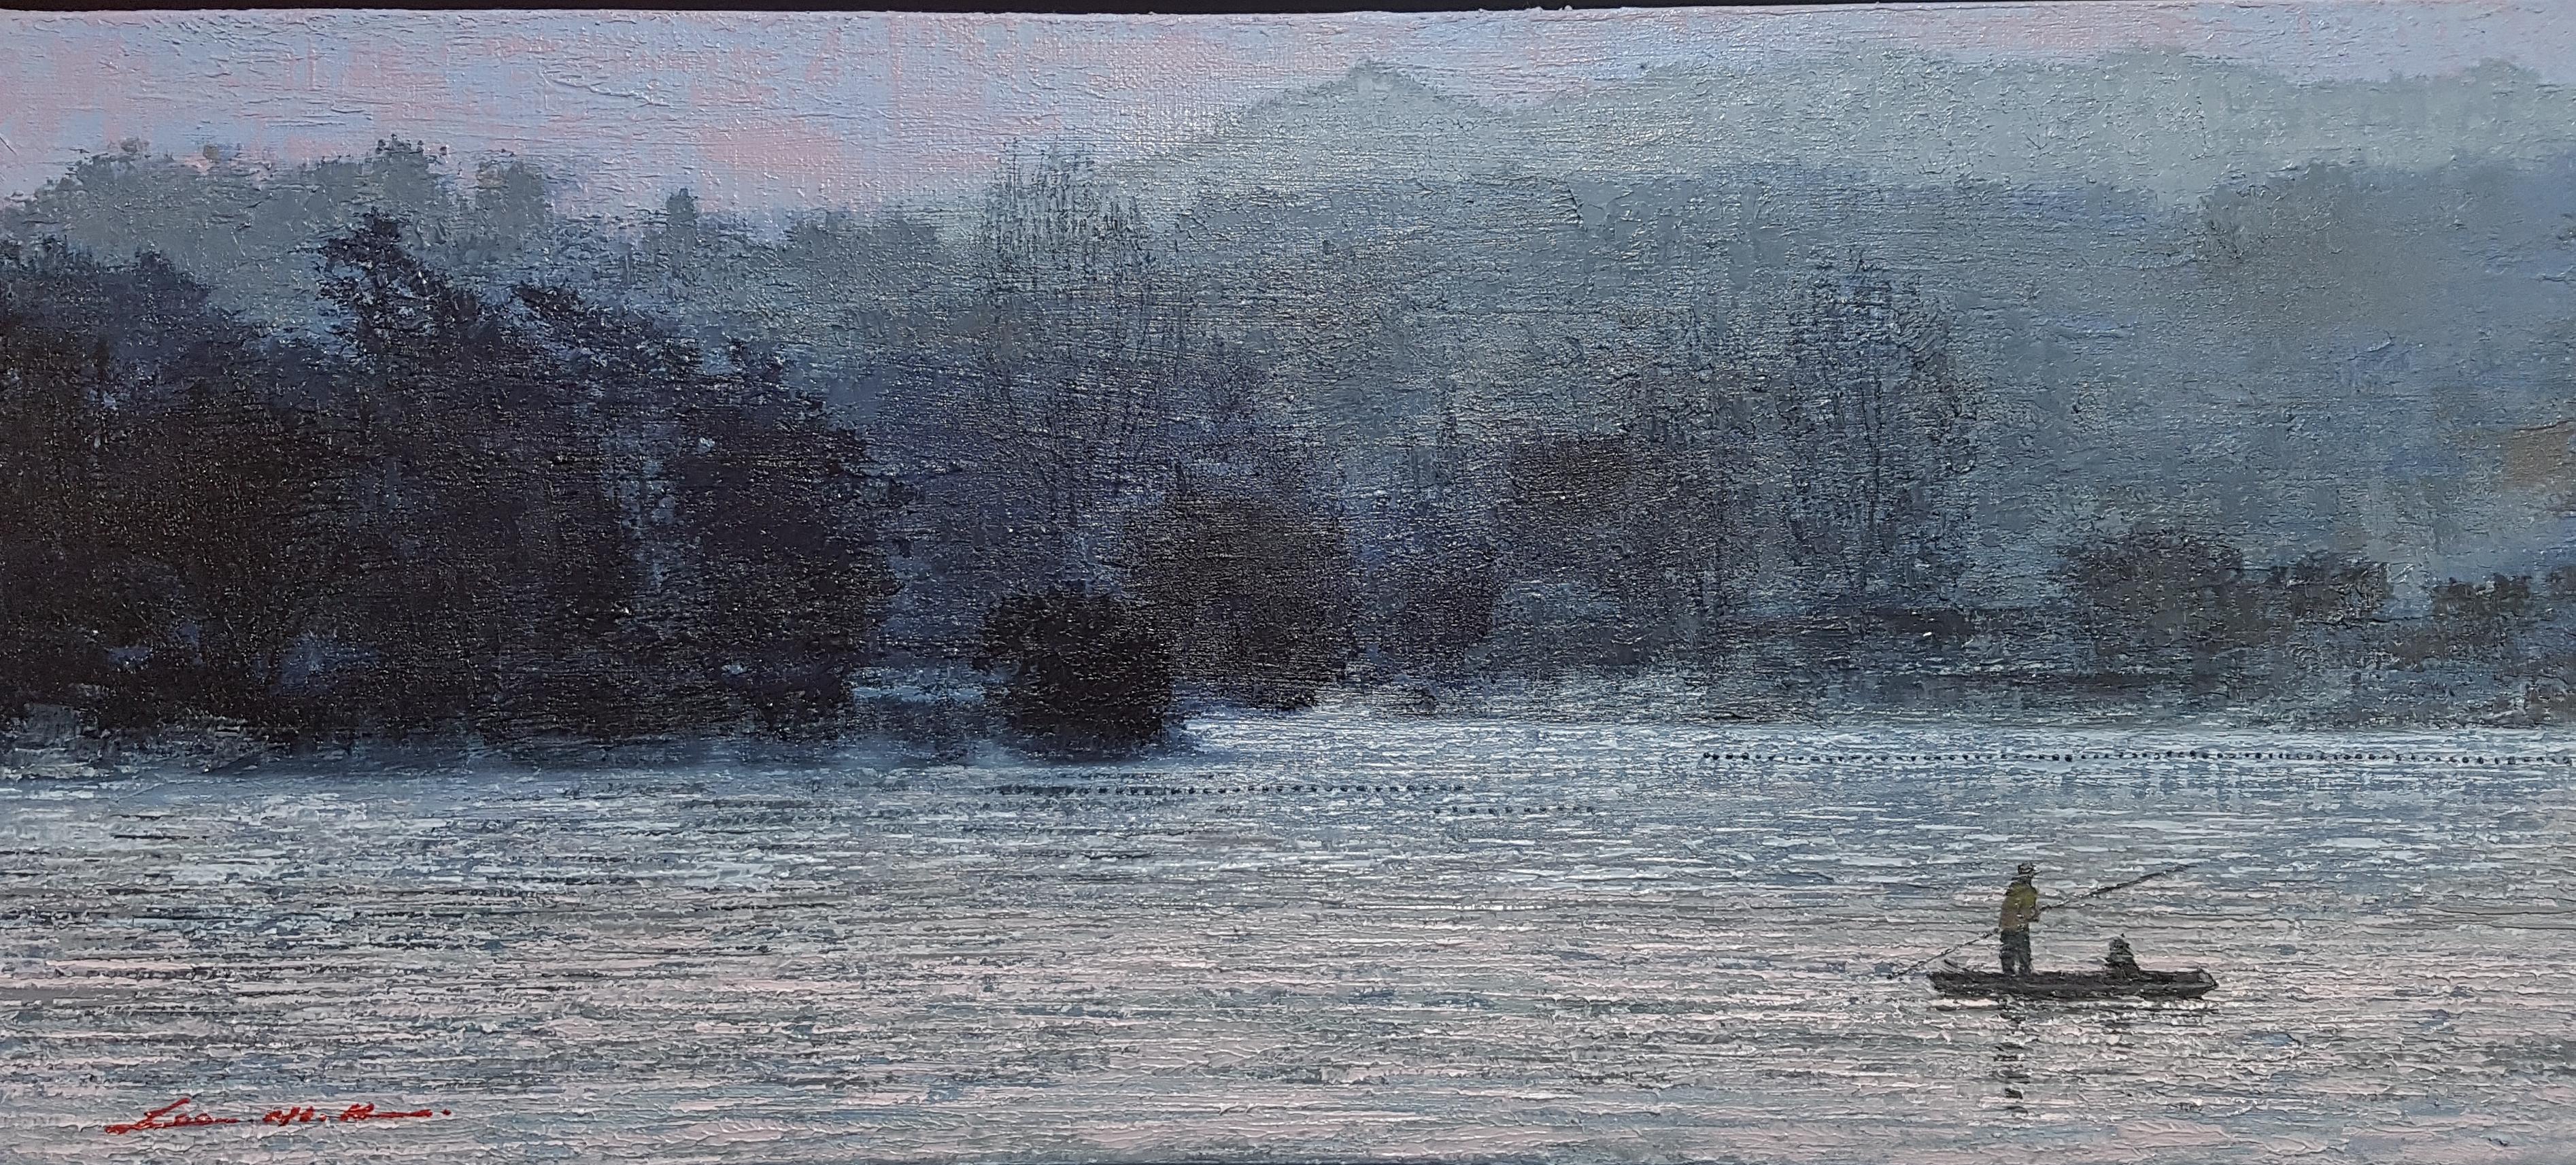 우포늪 이야기ㅡ흐르는 시간, 53×24cm, oil on canvas, 2017